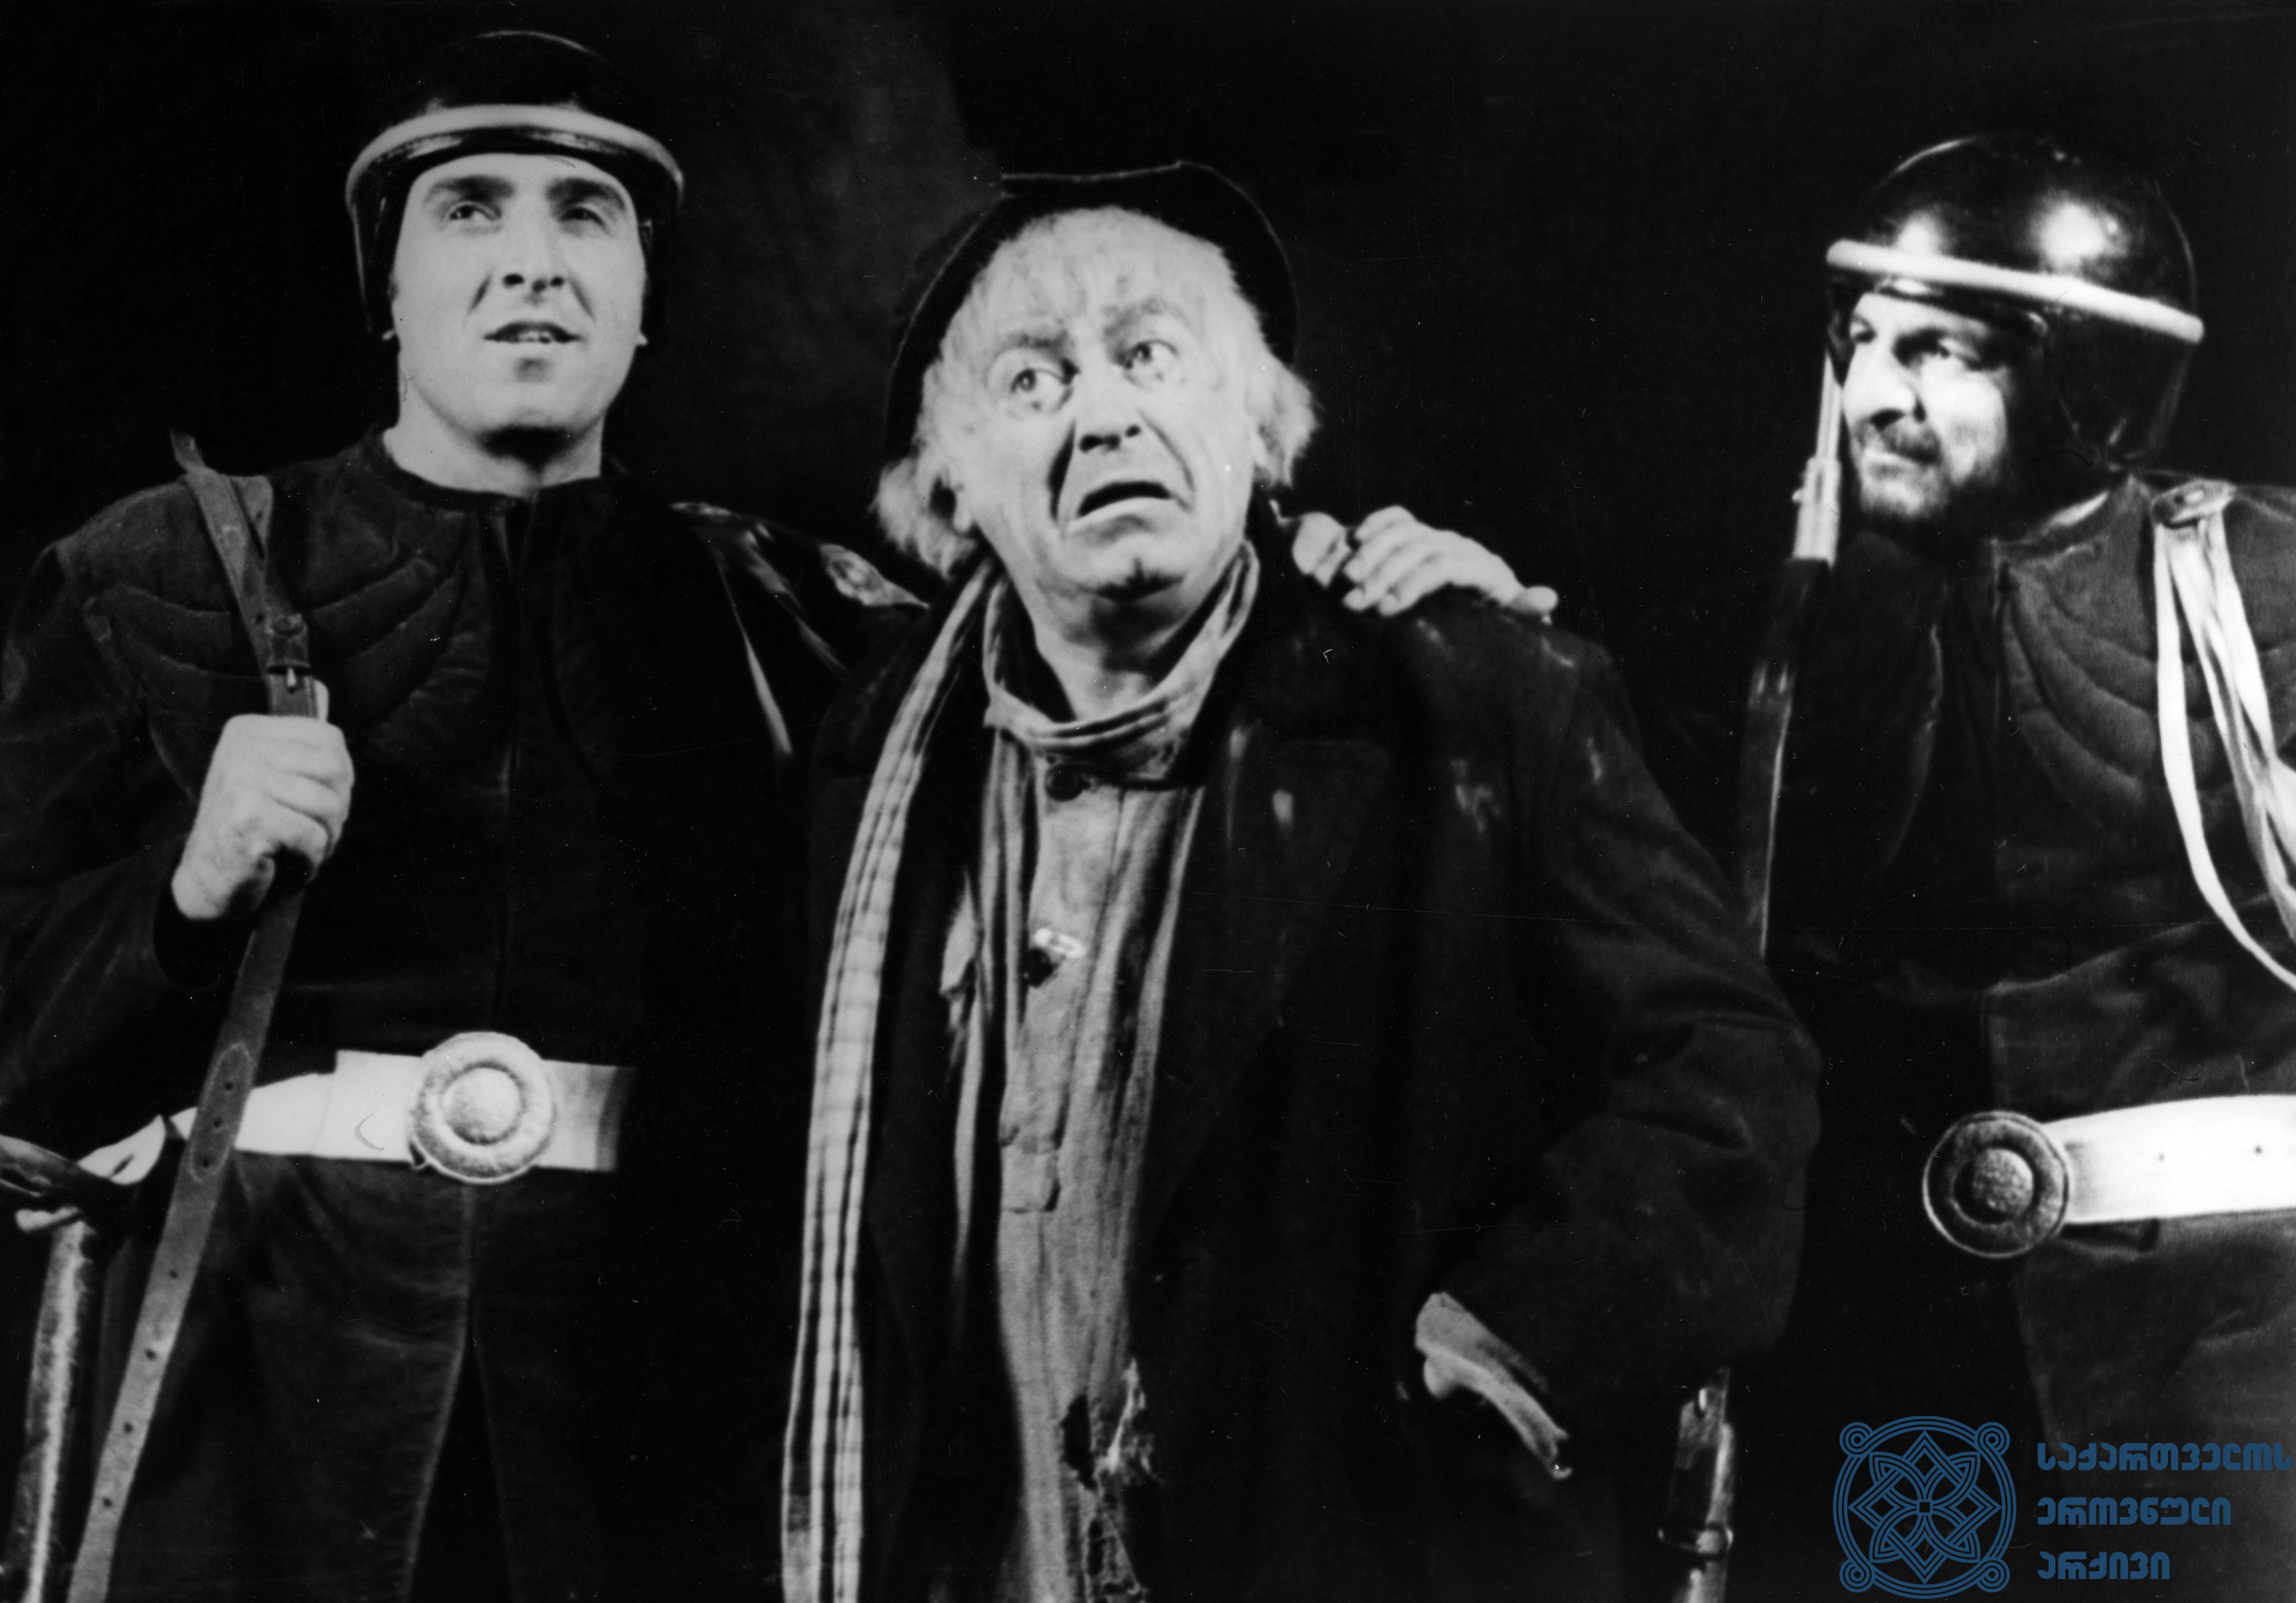 """რუსთაველის სახელობის აკადემიური თეატრის სპექტაკლი """"კავკასიური ცარცის წრე"""". აზდაკი – რამაზ ჩხიკვაძე; ჯემალ ღაღანიძე, როლანდ მიქაბერიძე. <br> 1975 წელი. <br> The Rustaveli Academic Theater performance """"Caucasian Chalk Circle"""". <br> Ramaz Chkhikvadze as Azdaki; Jemal Ghaganidze, Roland Mikaberidze. <br> 1975."""